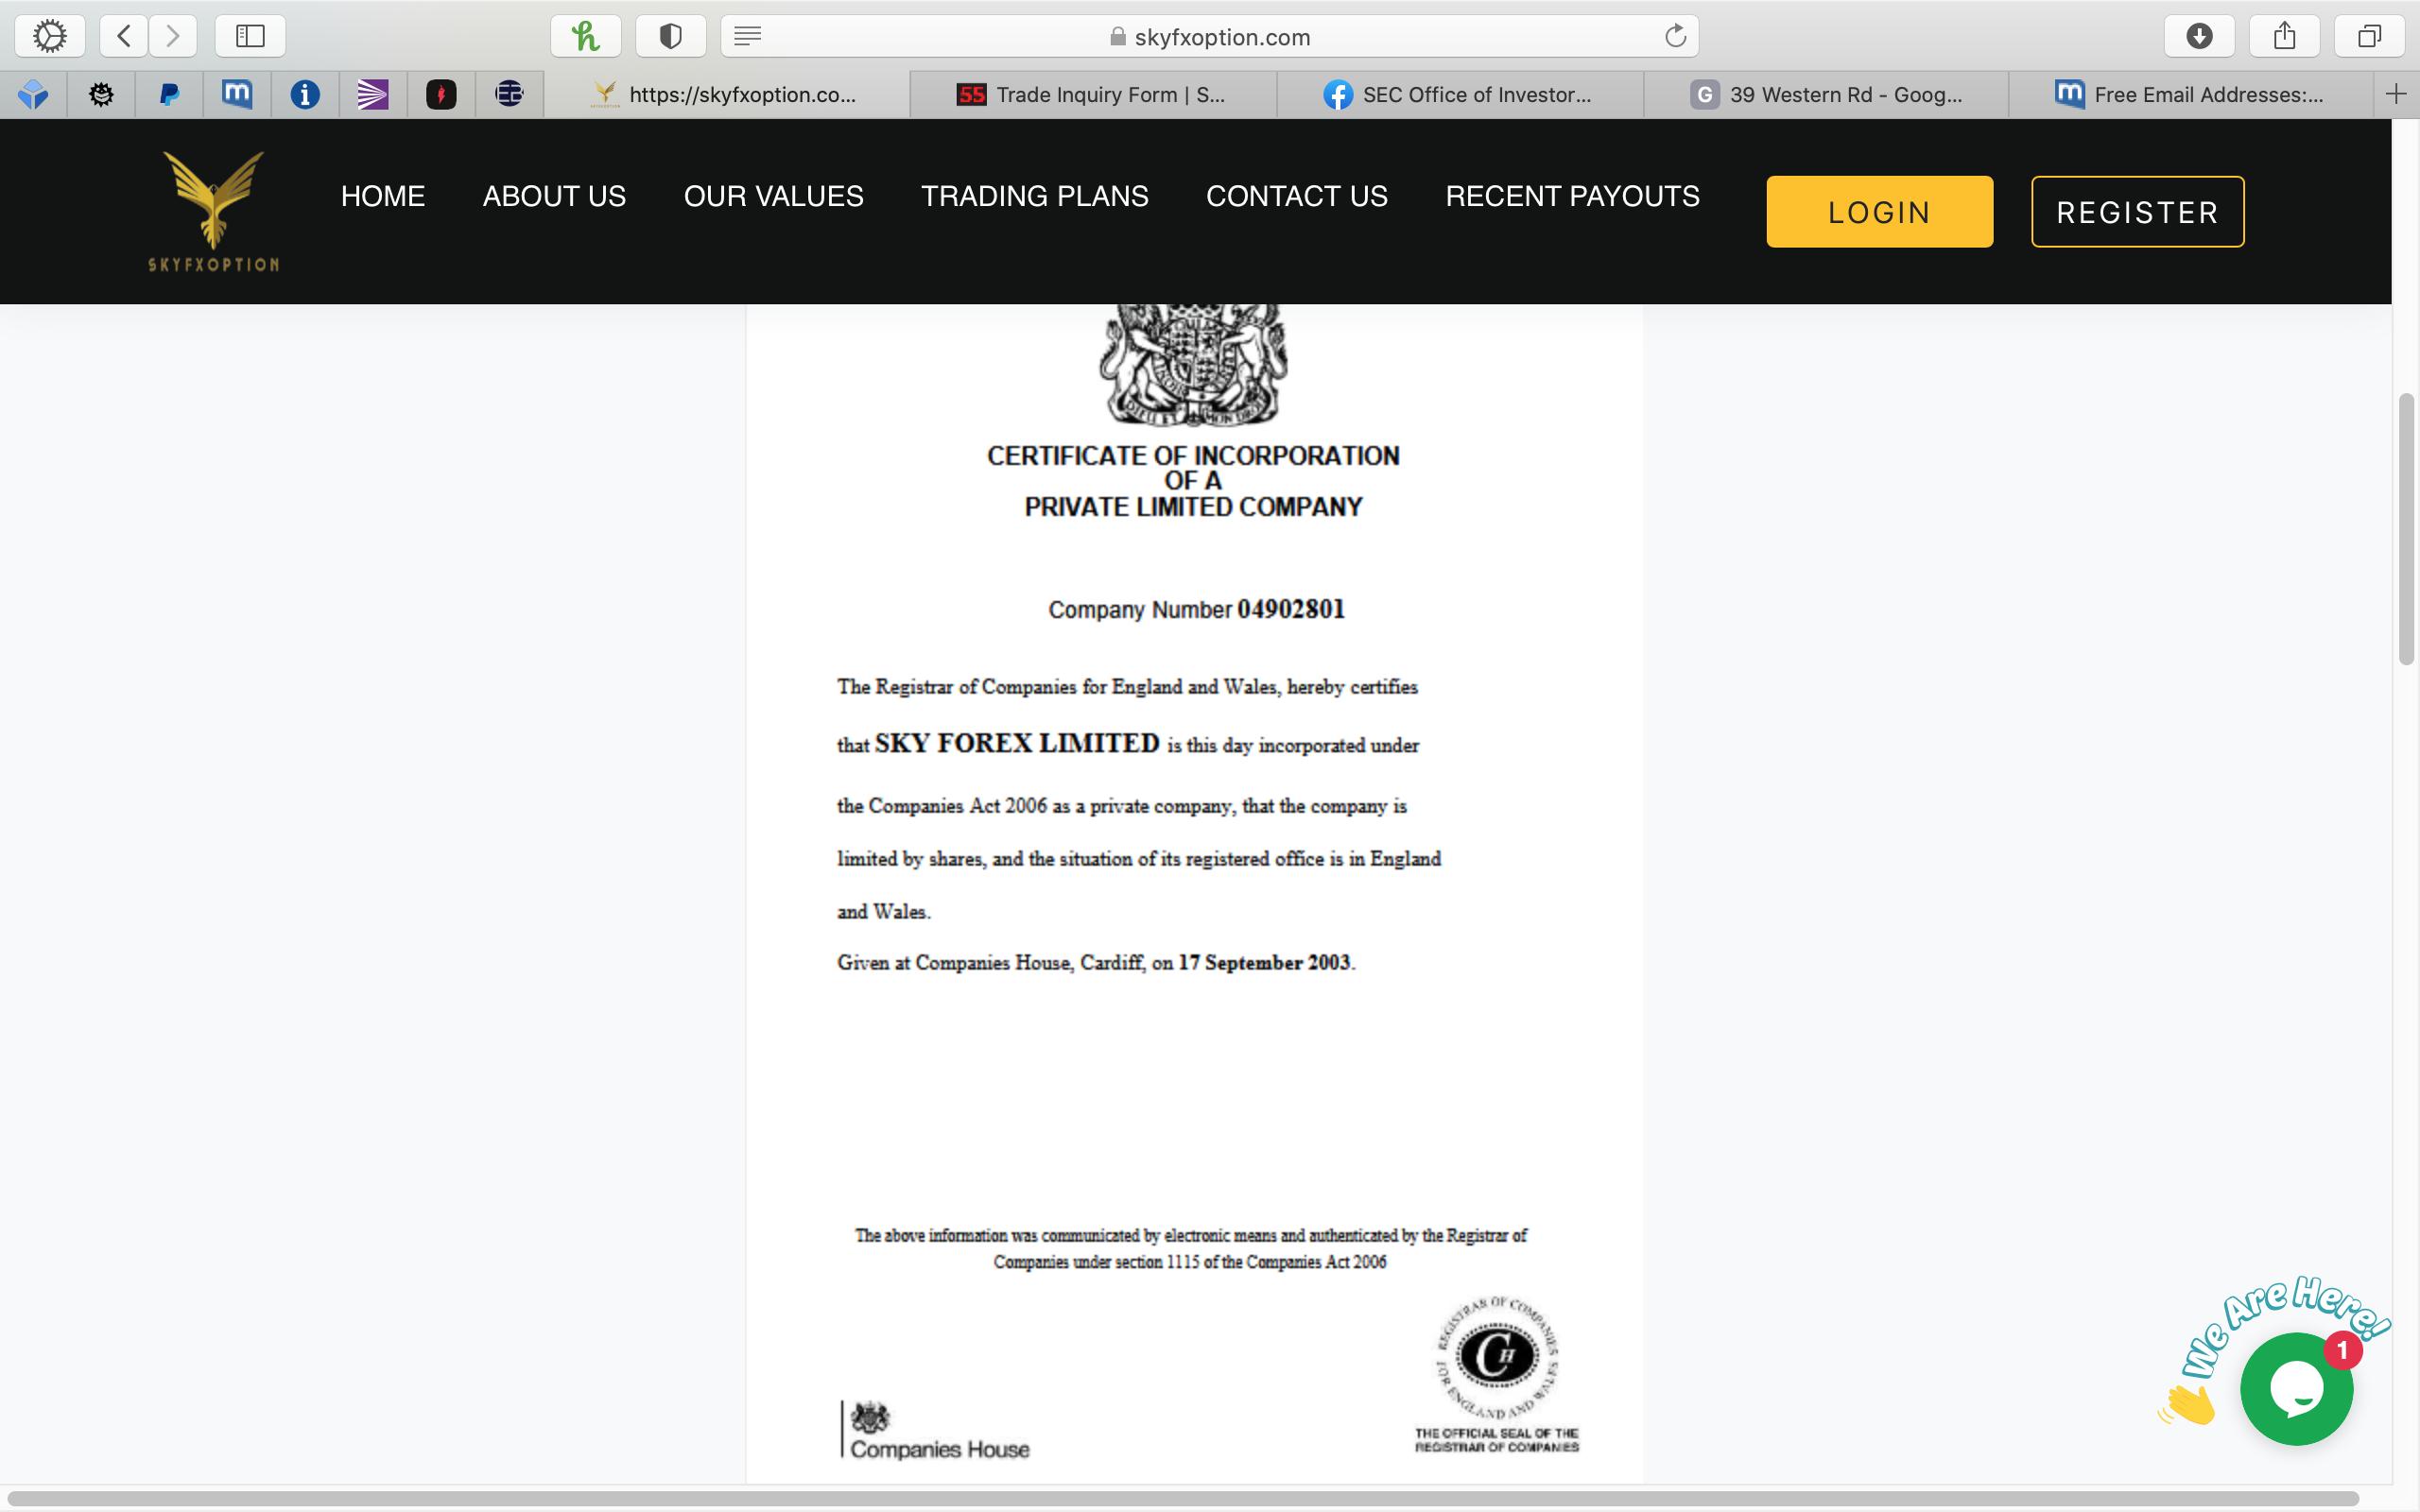 Is Skyfxoption Licensed And Legitimate?